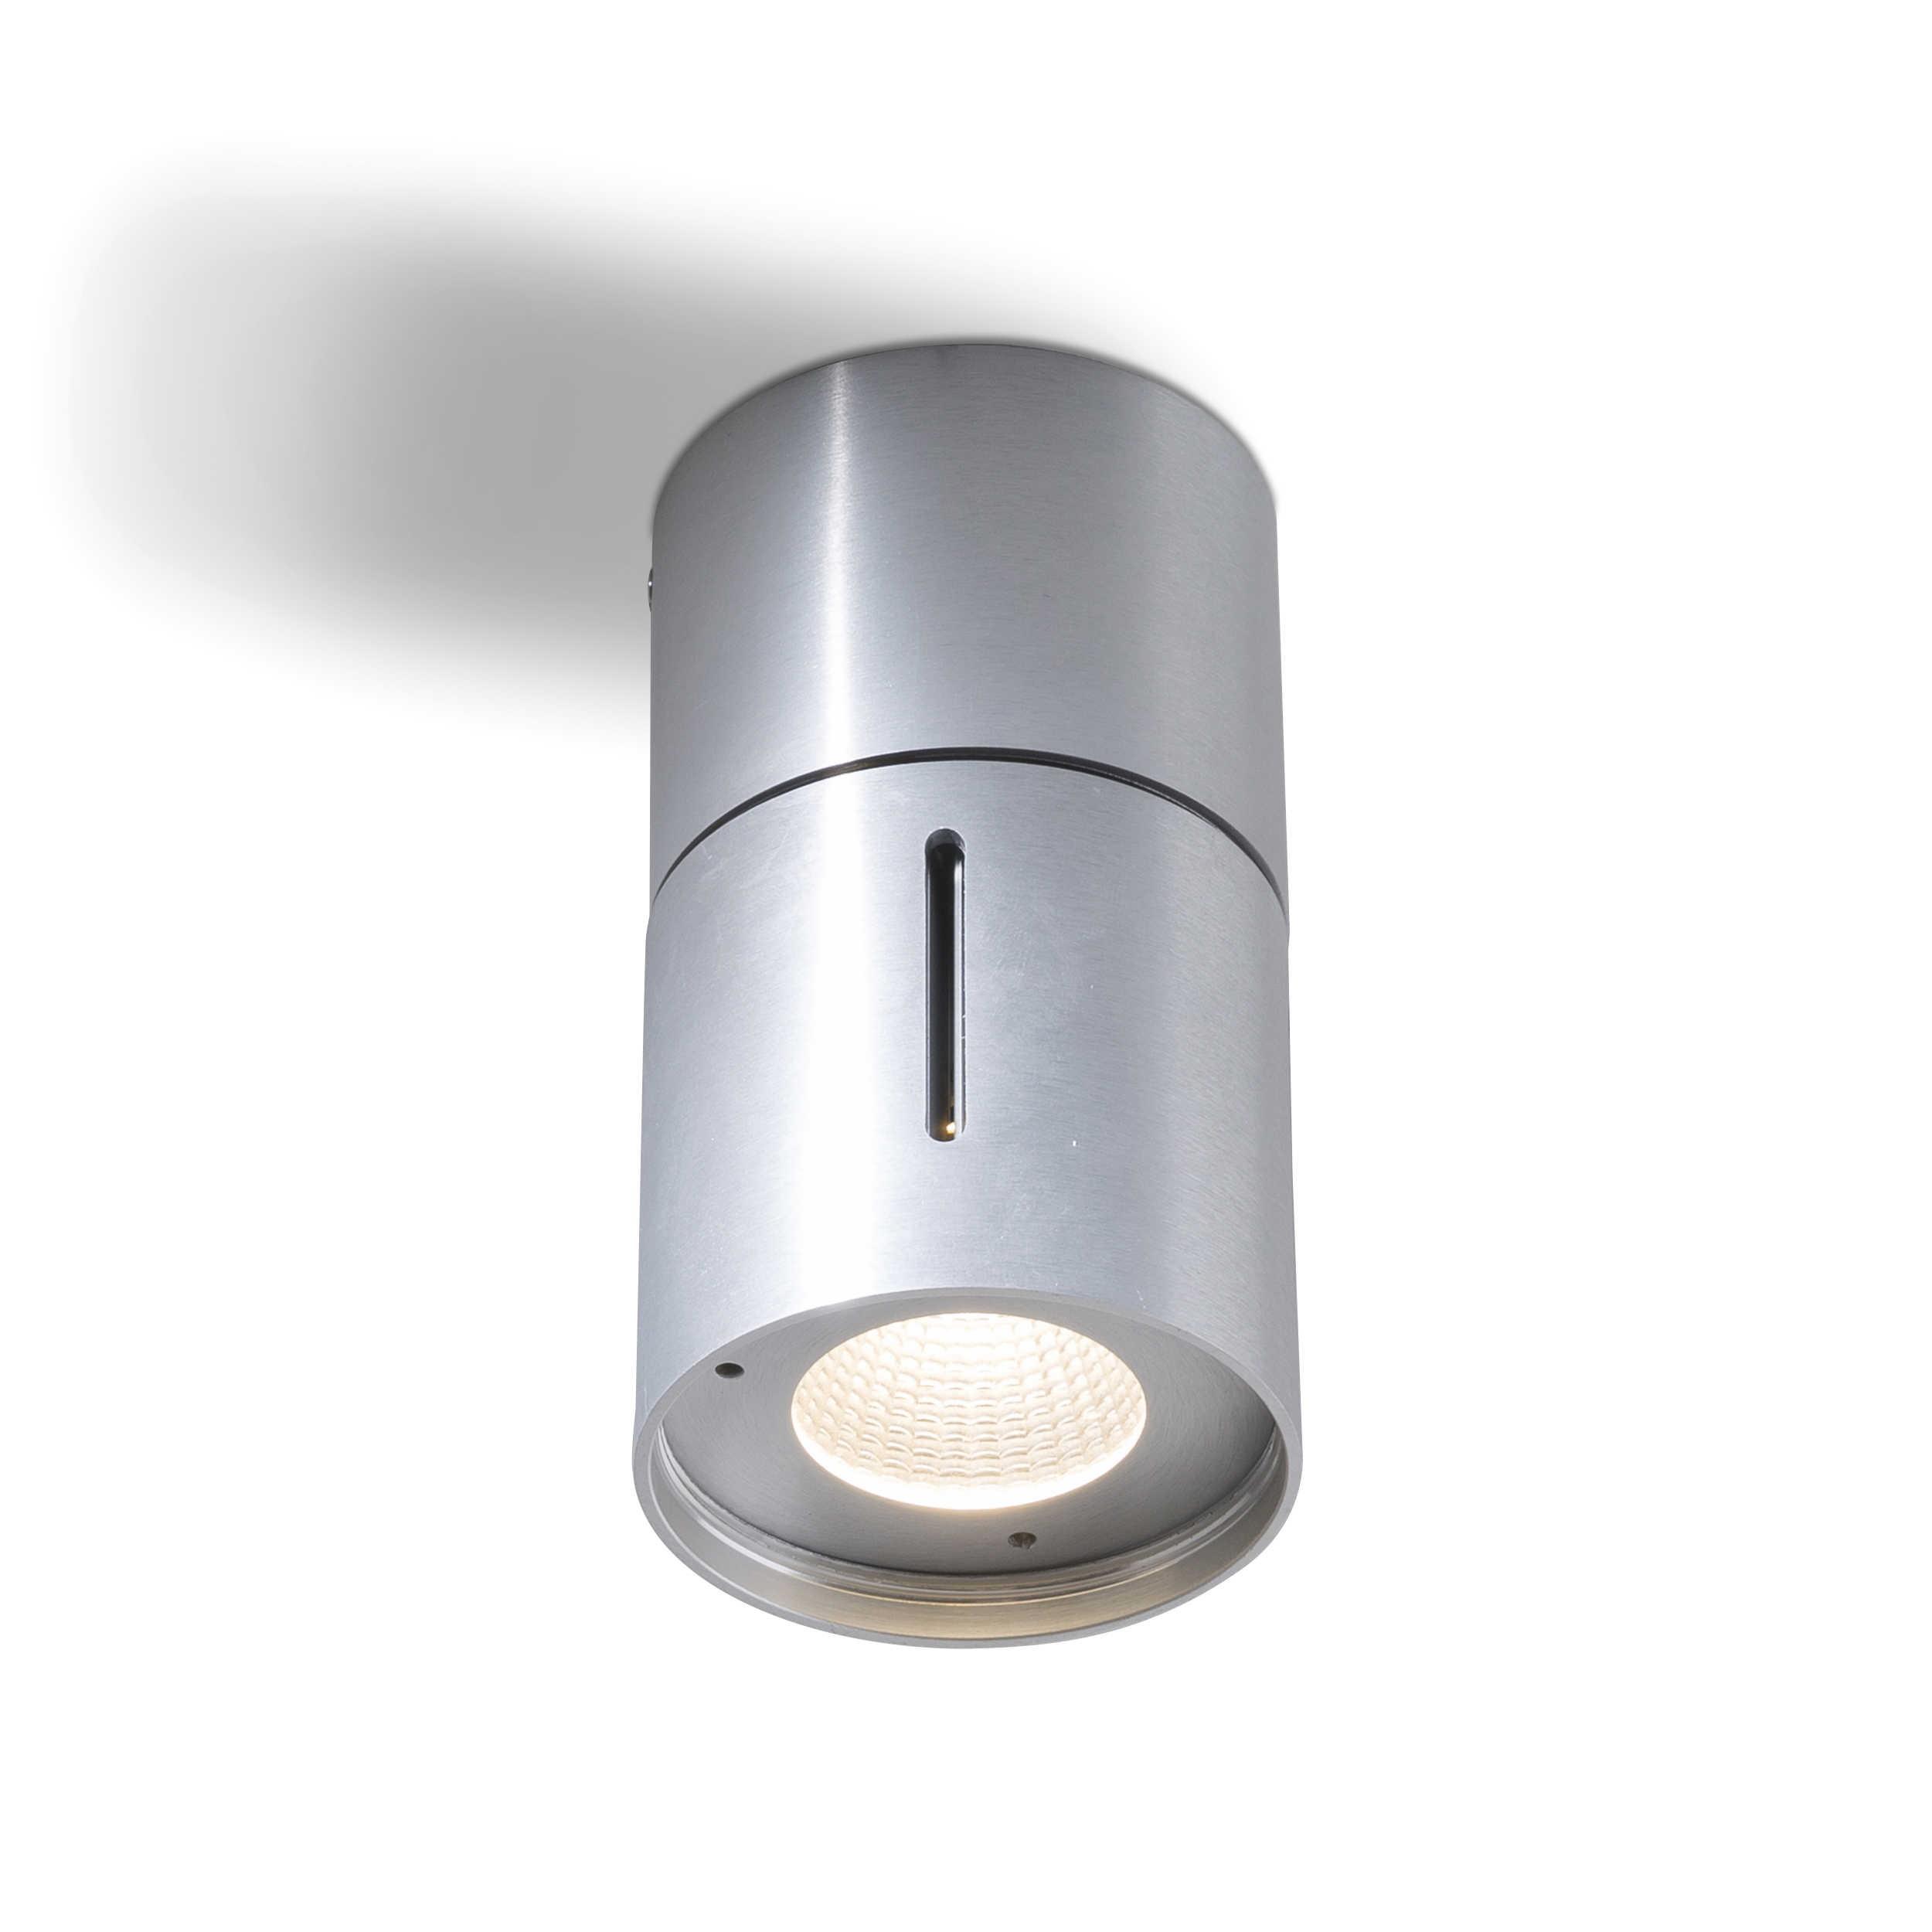 Designer Deckenleuchte Roma 30 Kaufen: DesignLive LED-Deckenleuchte Hugo A+ Silber Chrom,Alu